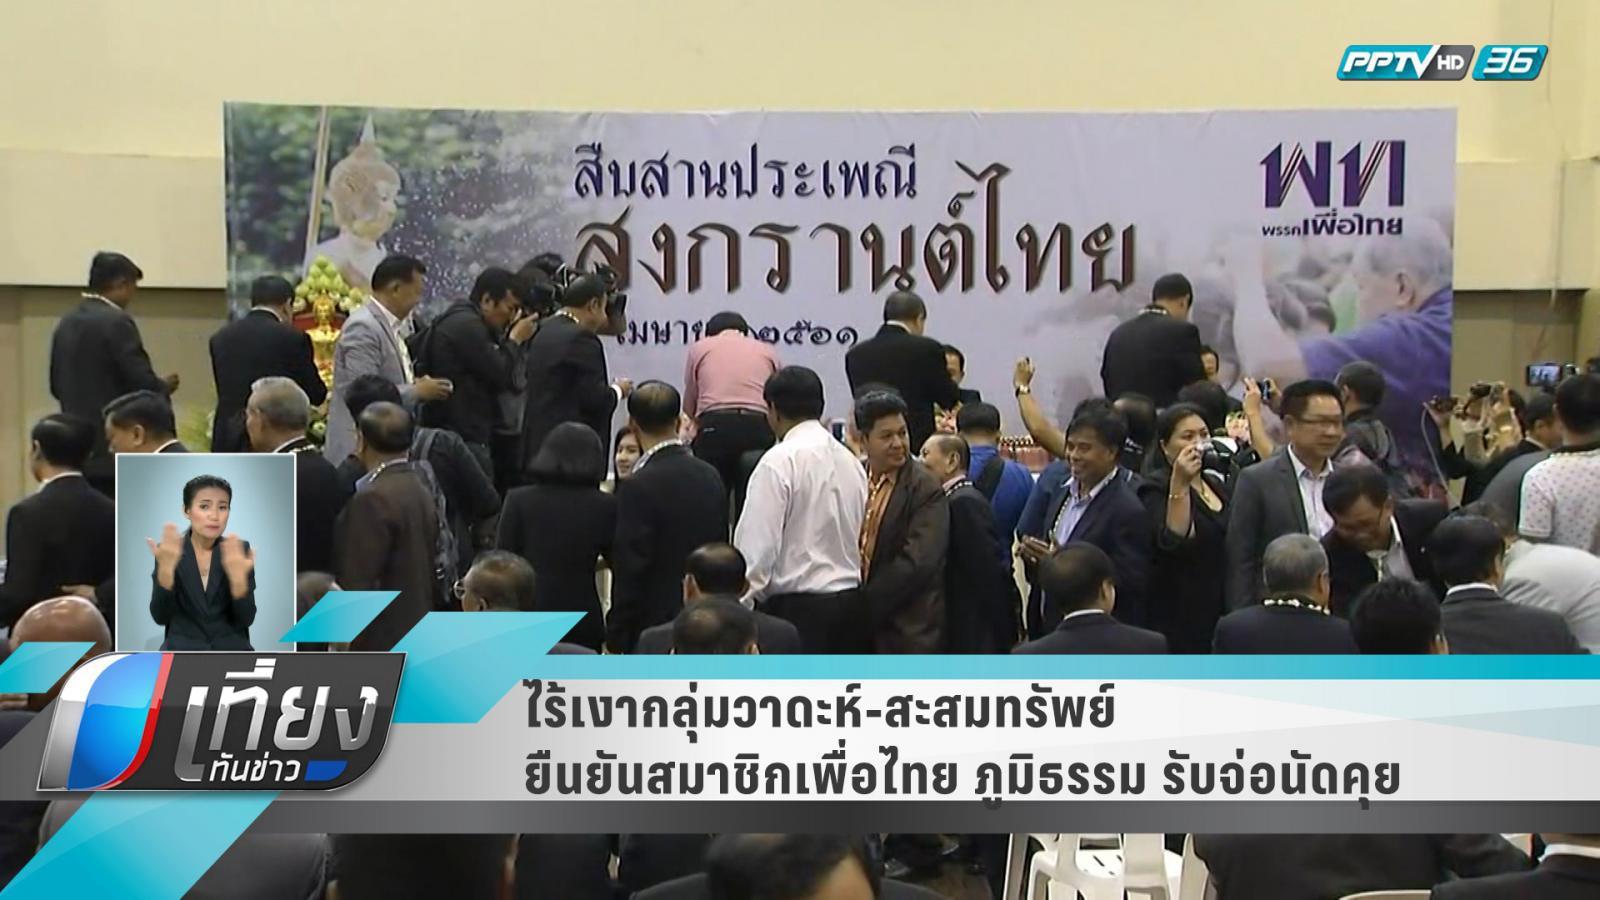 """ไร้เงากลุ่มวาดะห์-สะสมทรัพย์ ยืนยันสมาชิกเพื่อไทย """"ภูมิธรรม"""" จ่อนัดคุย"""